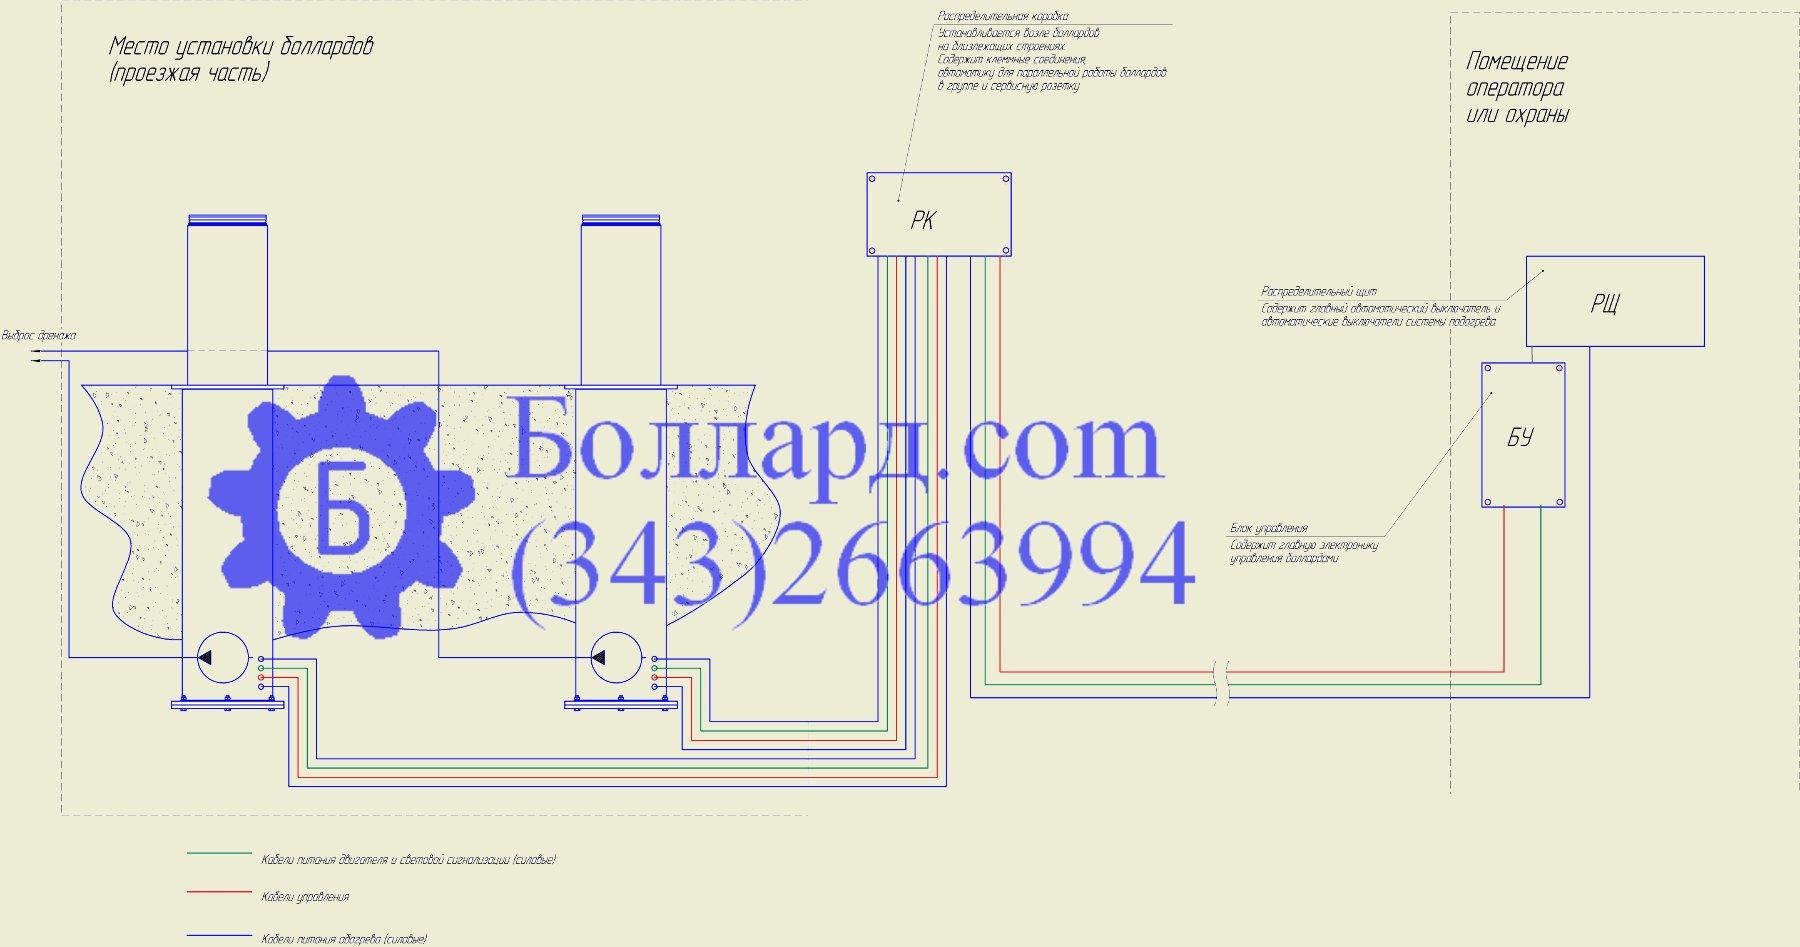 Структурная схема боллардов